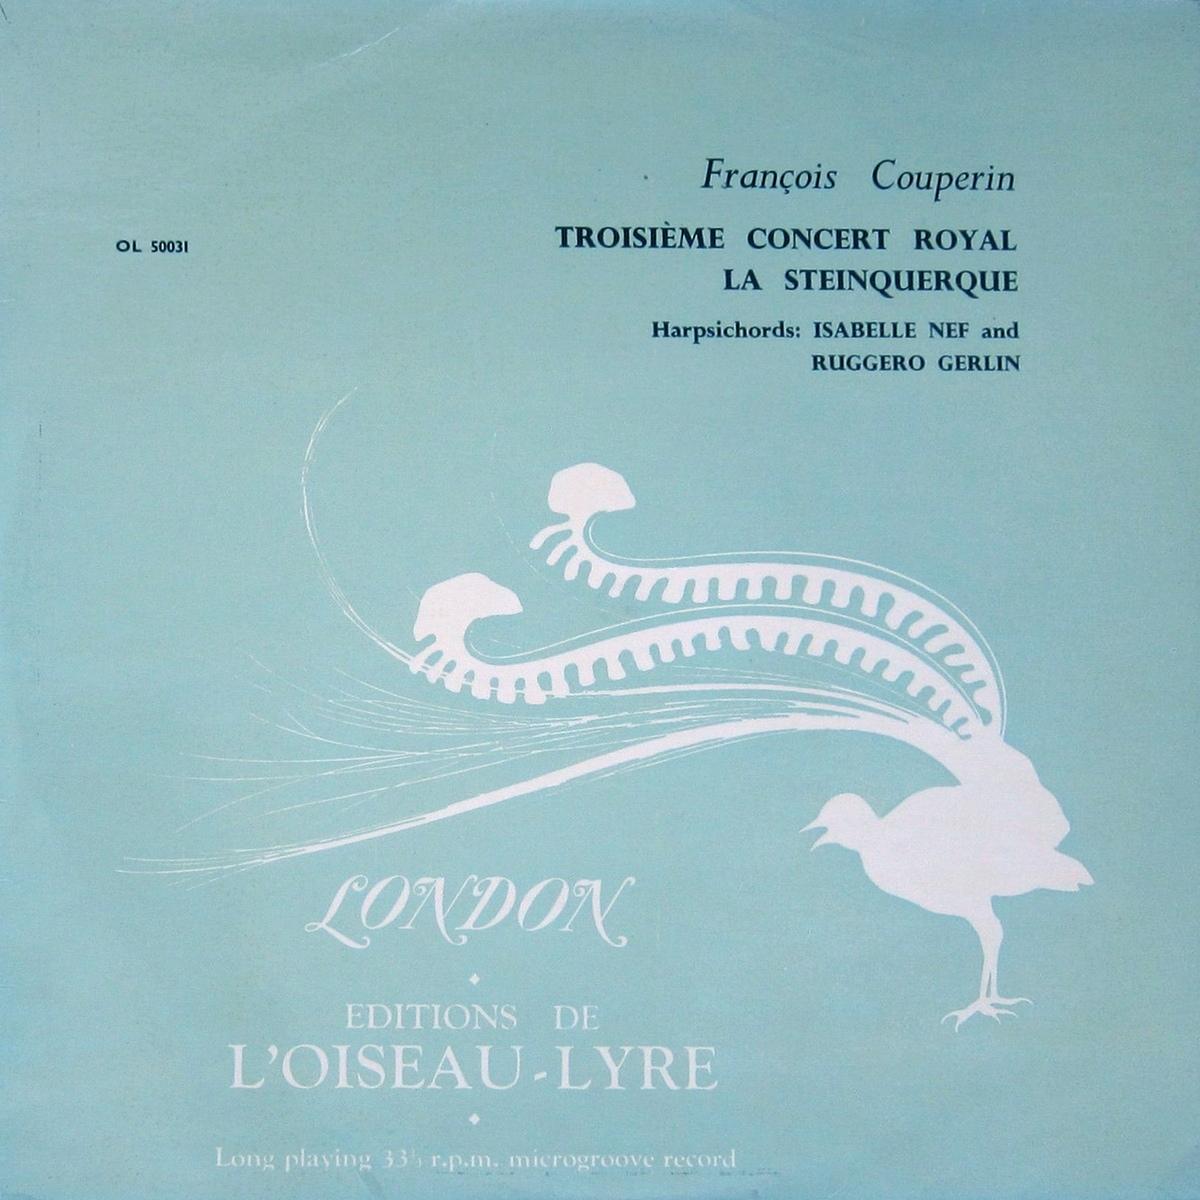 Recto de la pochette du disque Éditions de L'Oiseau-Lyre OL-LD 53, OL 50031